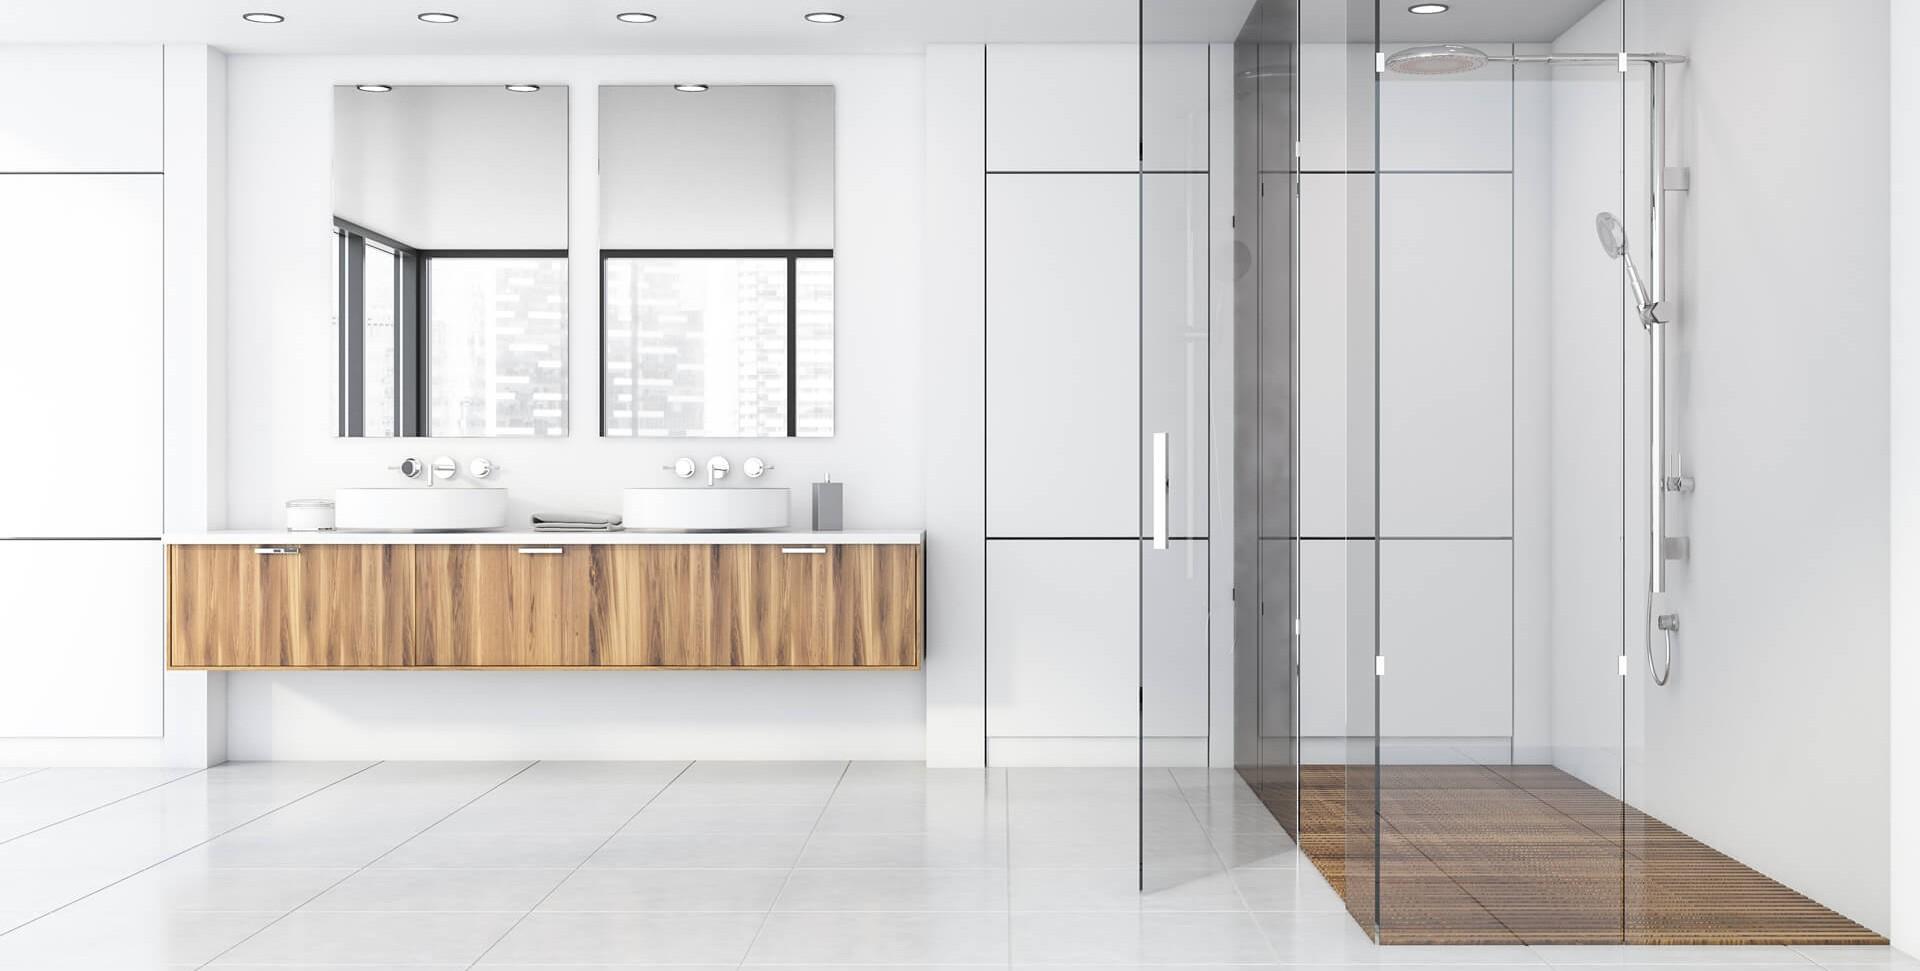 Full Size of Ebenerdige Dusche Bodengleiche Duschen Bei Glasprofi24 Kaufen Bidet Walk In Nischentür Einhebelmischer Schulte Werksverkauf Hsk Antirutschmatte Bodengleich Dusche Ebenerdige Dusche